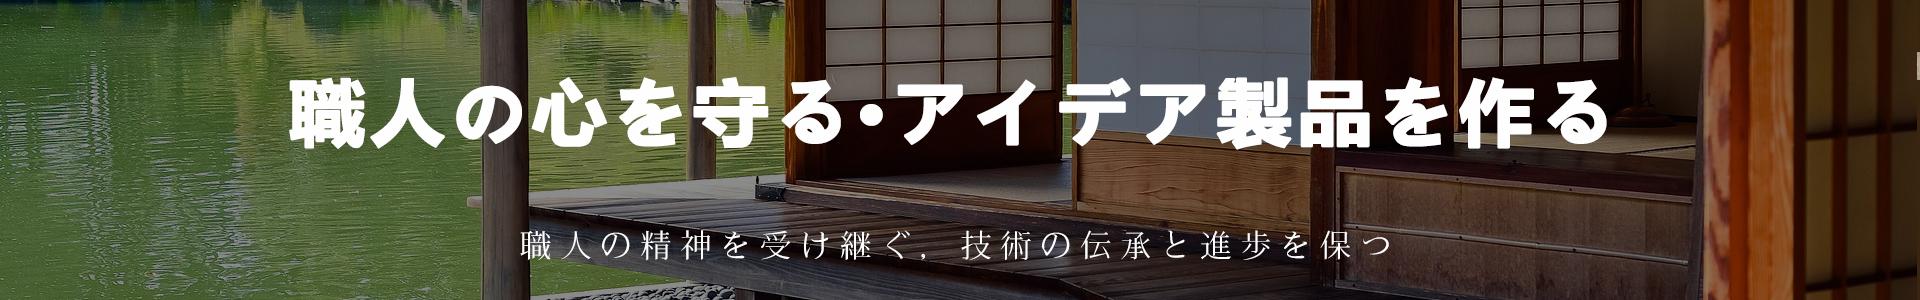 http://www.super-e.jp/data/upload/202012/20201214082113_755.jpg